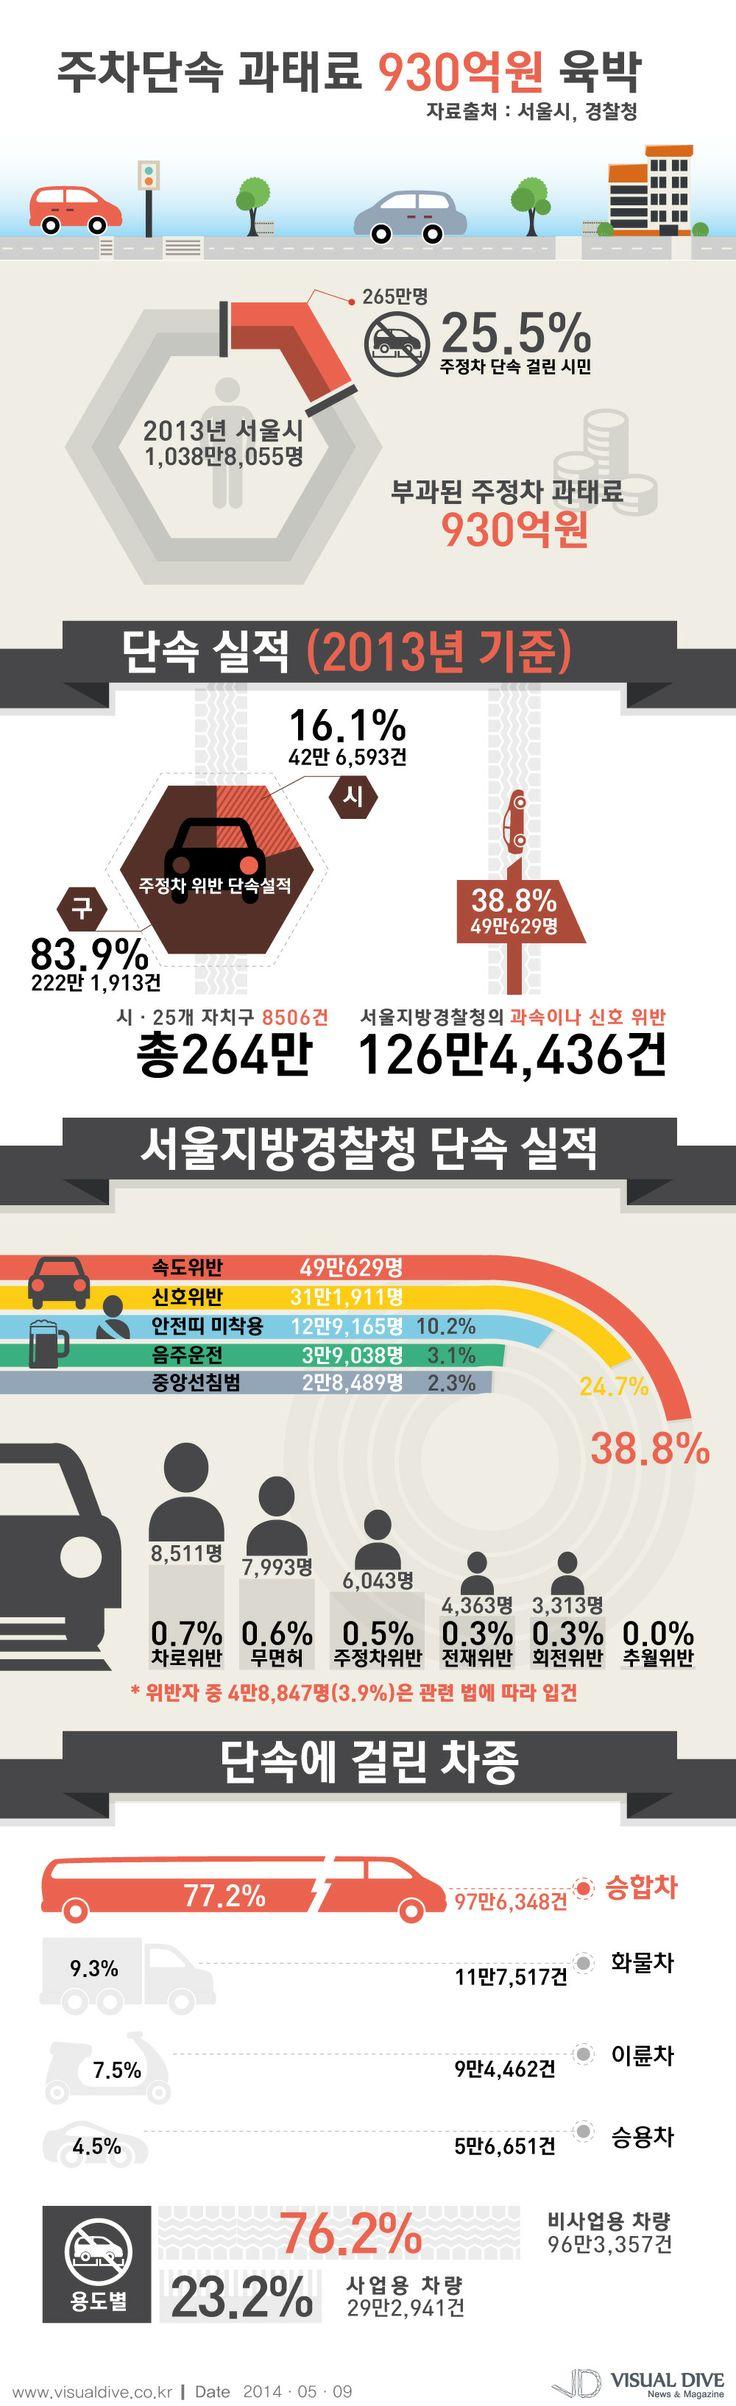 서울시민 4명 중 1명 '주차 위반'… 과태료는 930억 육박 [인포그래픽]  #car #Infographic ⓒ 비주얼다이브 무단 복사·전재·재배포